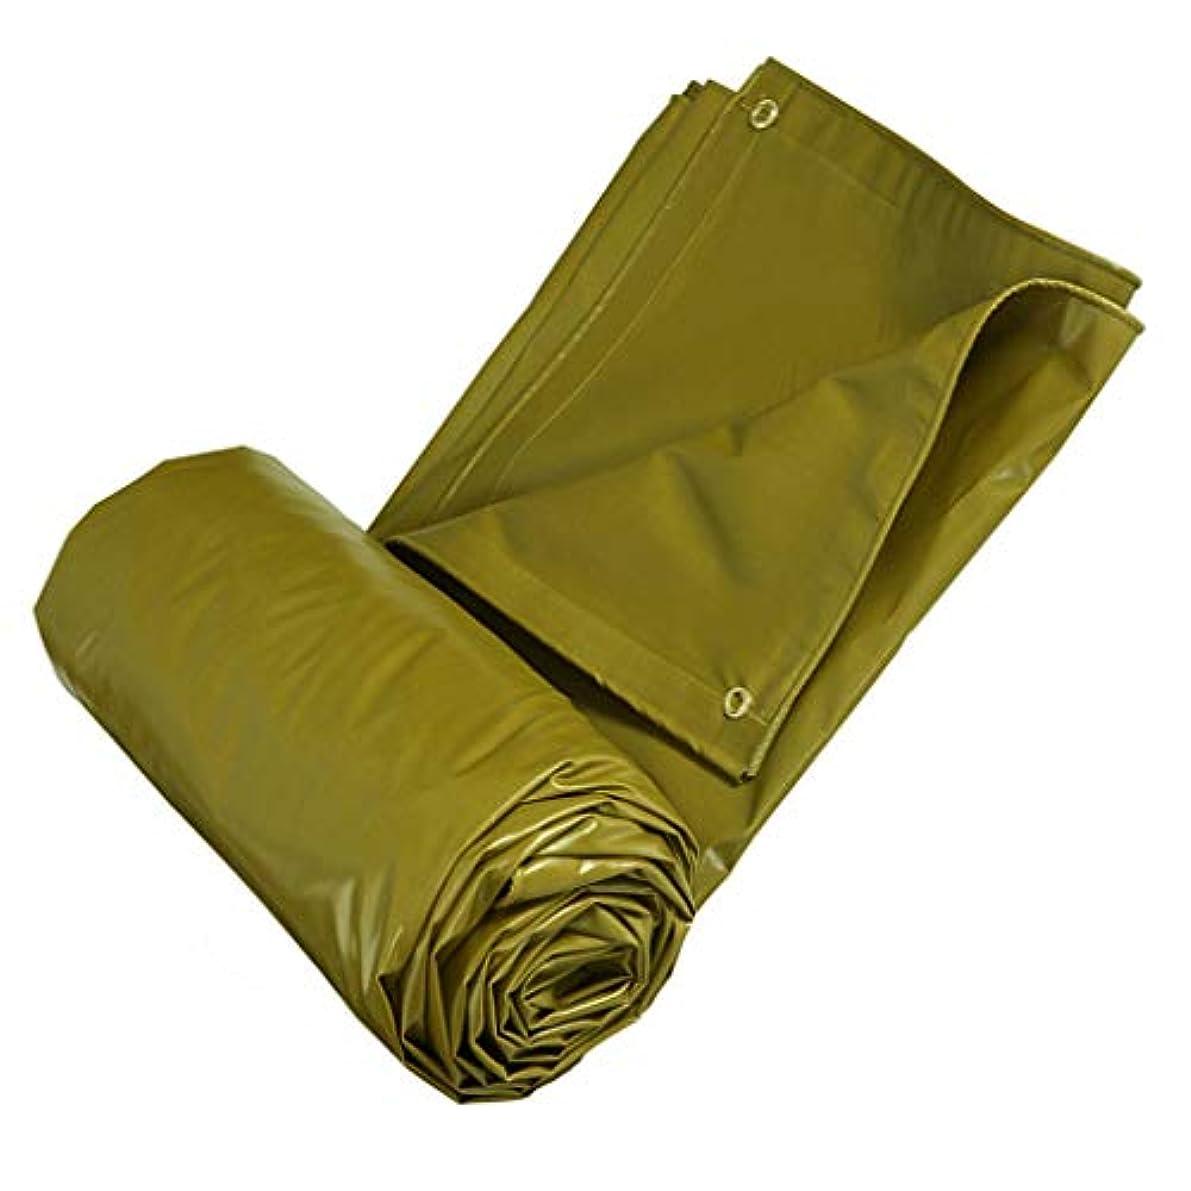 侵入するマザーランド禁輸トラック防雨布、日除け多目的防水シート、ポータブル屋外カーペットマット、通気性耐候性、車の雨UV (Size : 3mx4m)